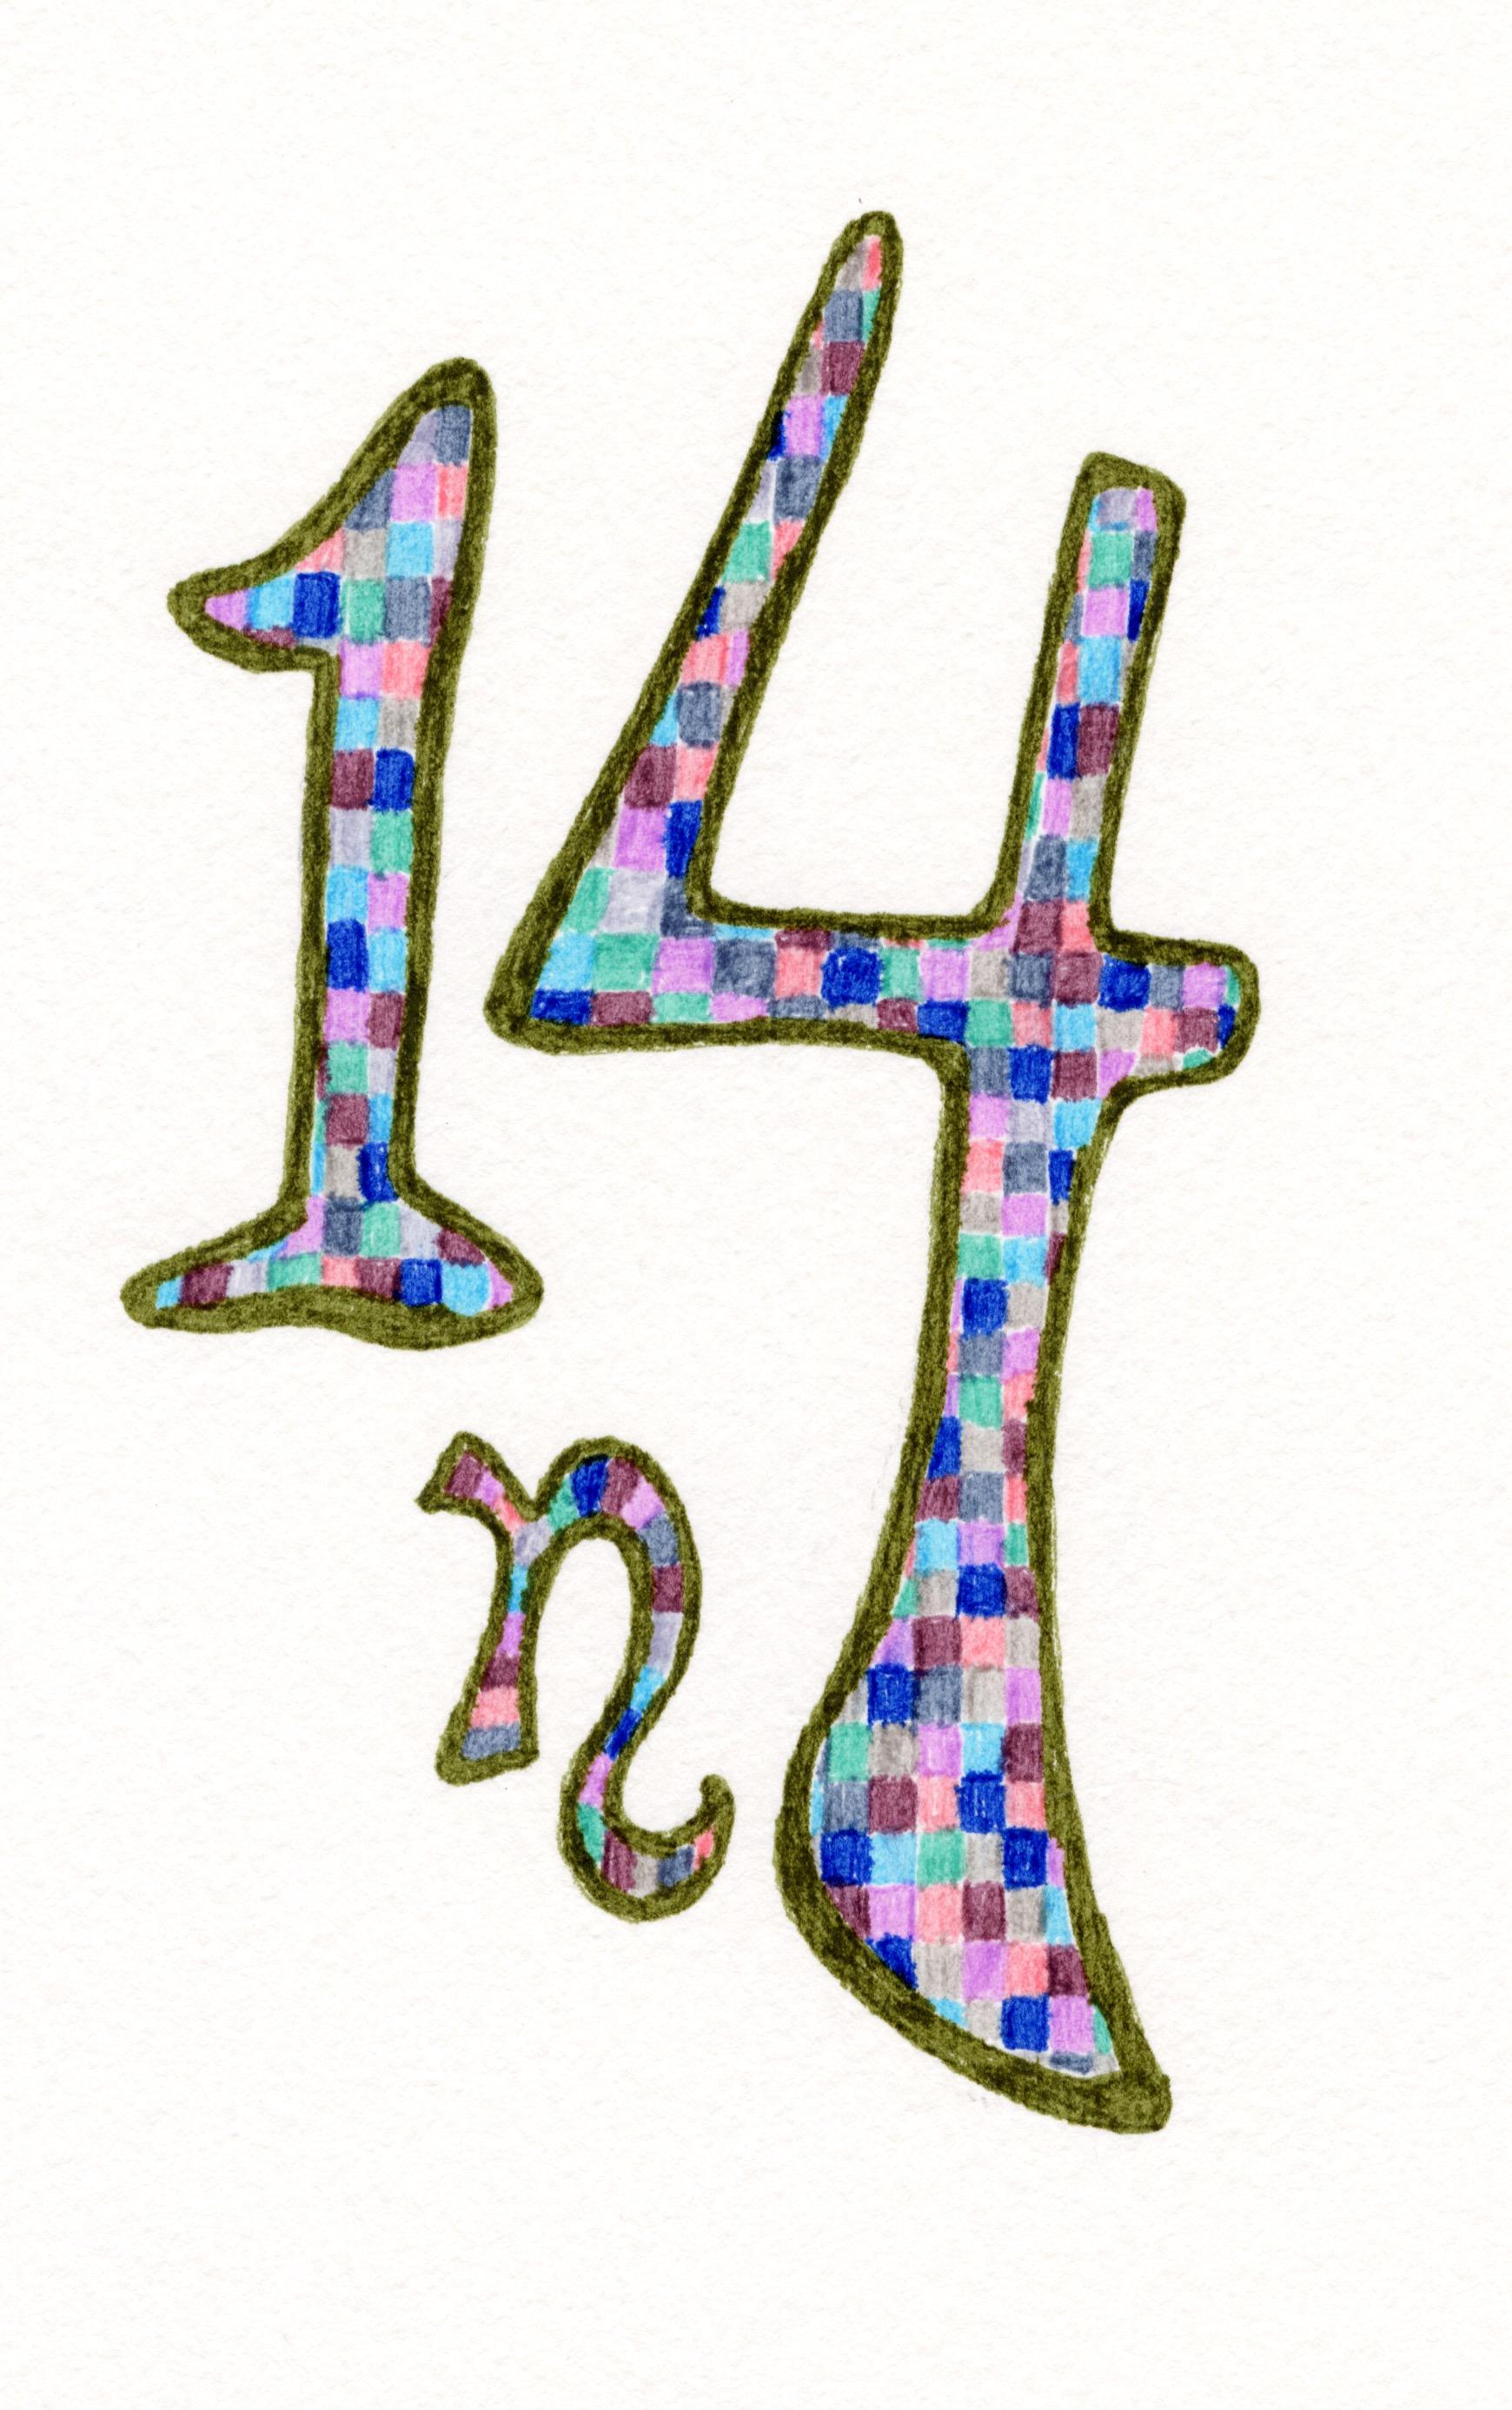 Albers14